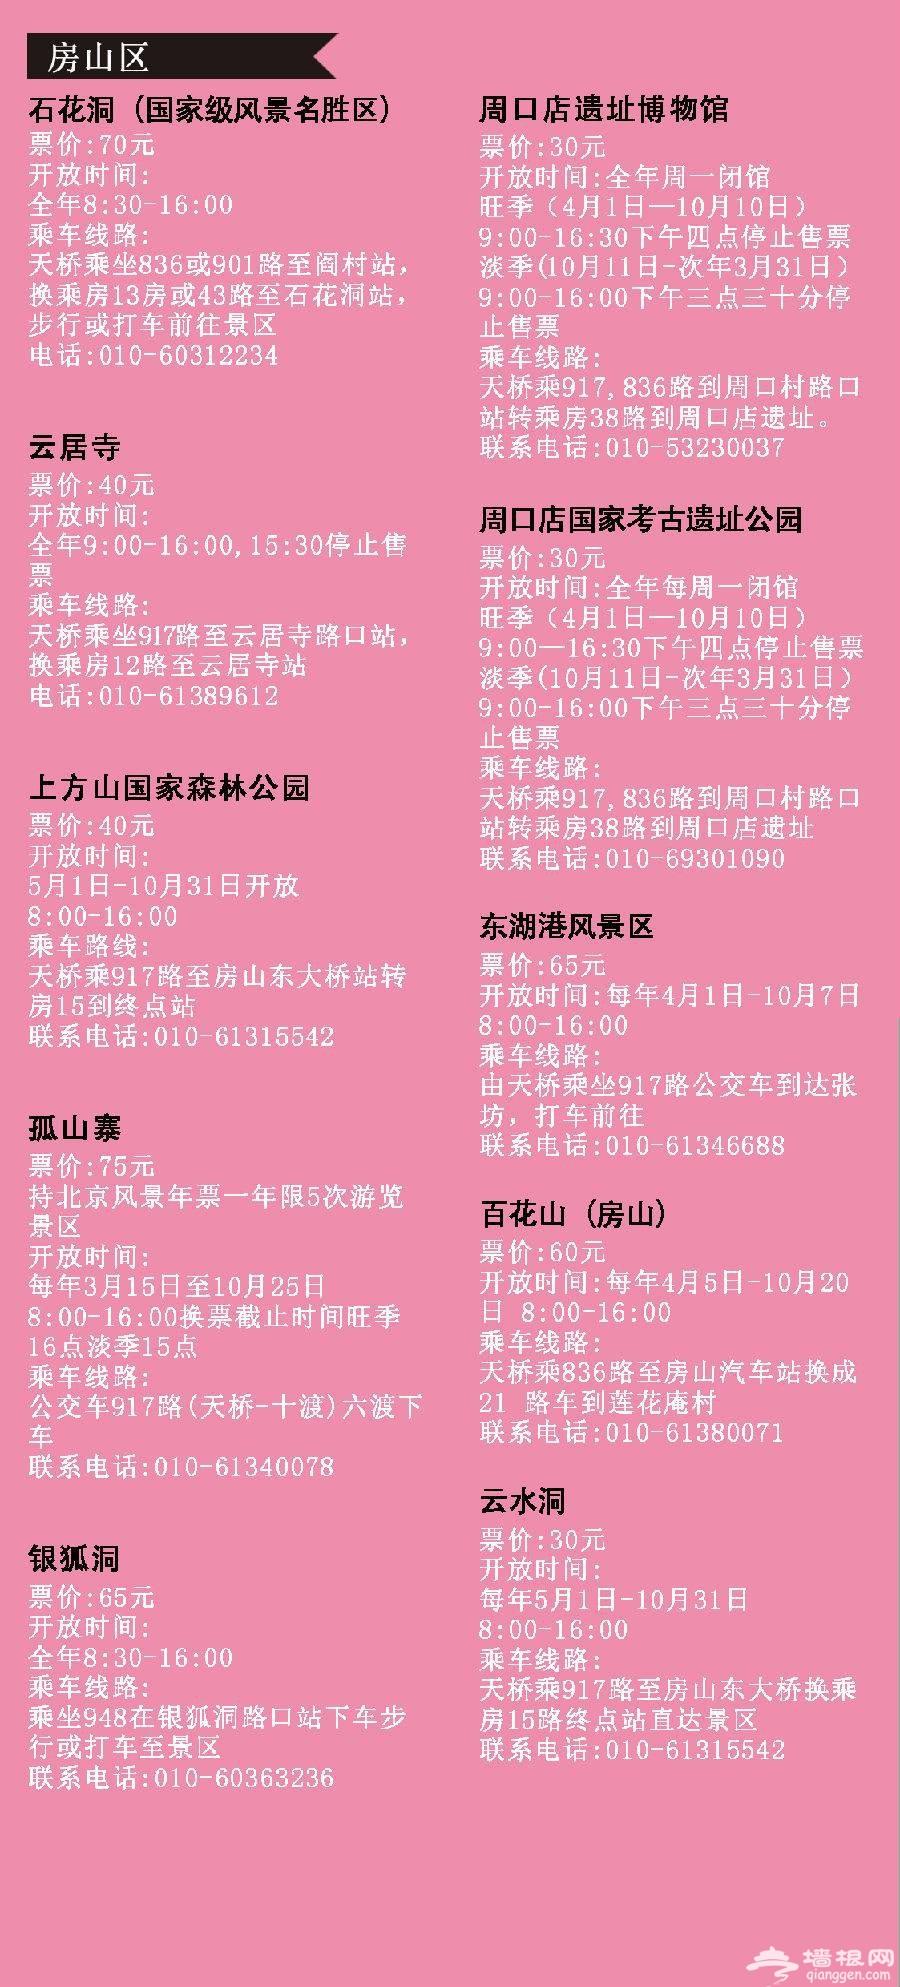 2021北京风景年票景点都有哪些?景点目录一览[墙根网]